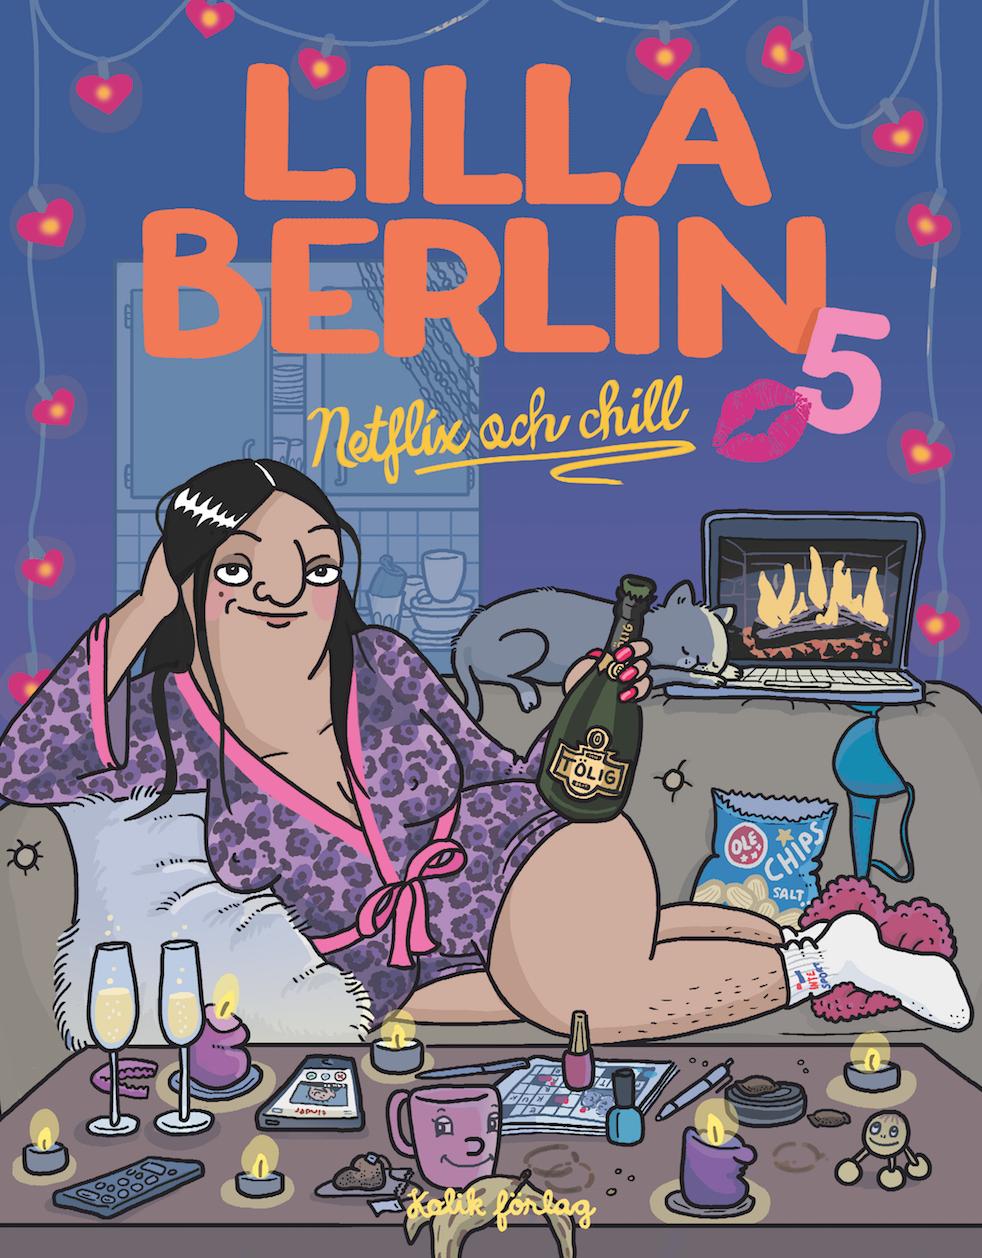 Lilla Berlin 5 - Netflix och chill (utkommer sep 2016)